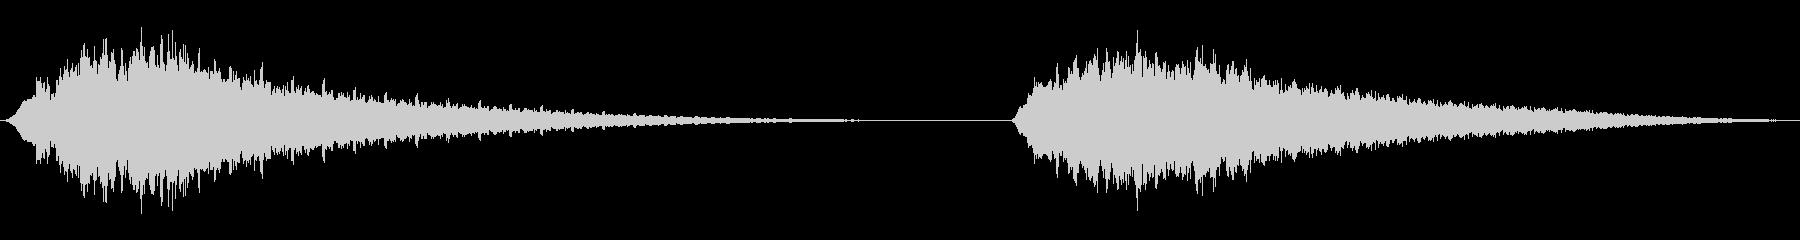 スペーススイープ、アップ、ダウン、...の未再生の波形